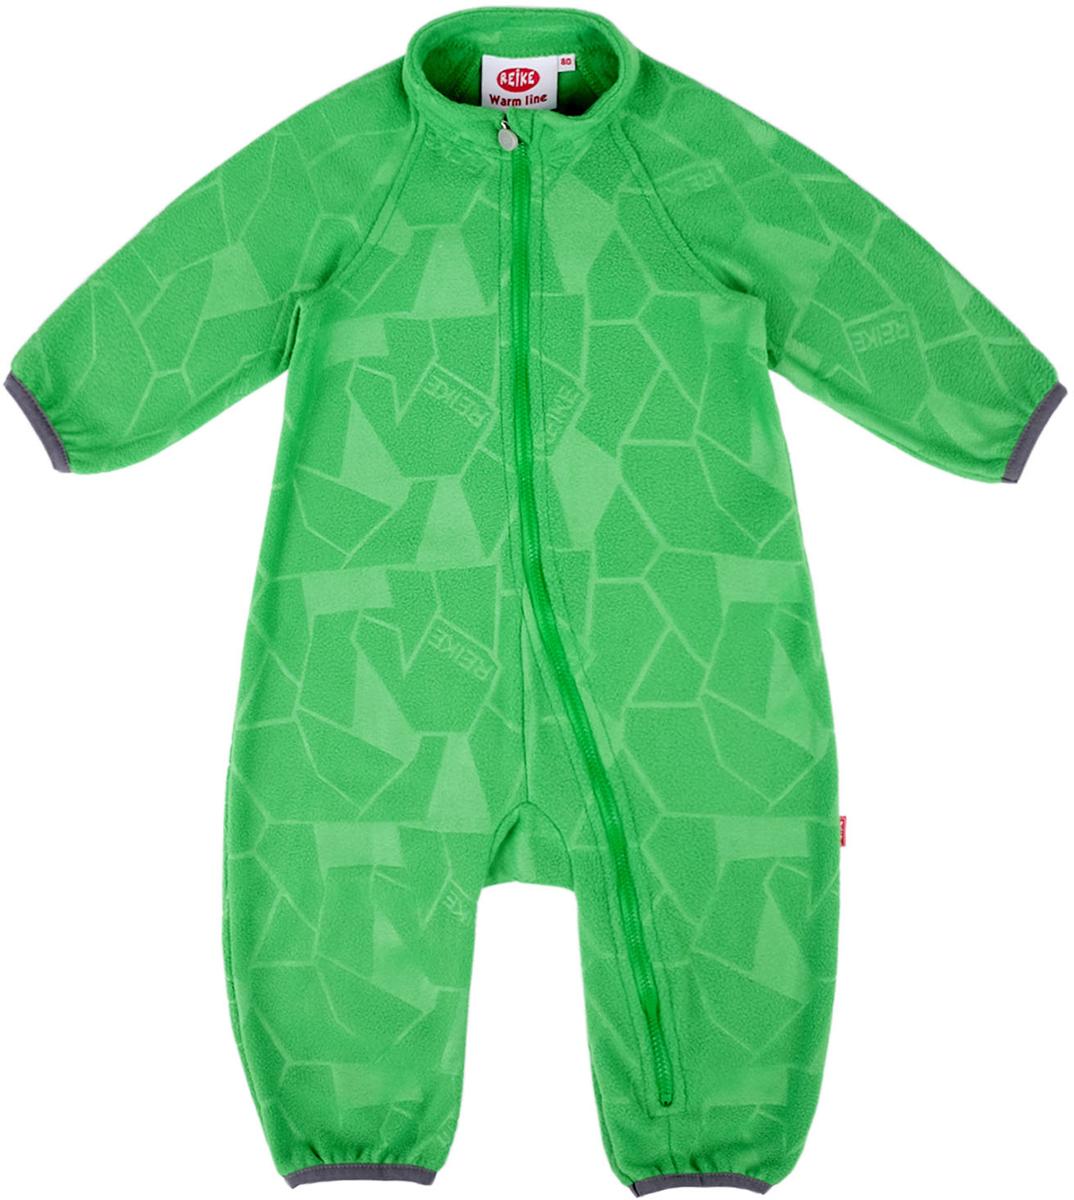 Комбинезон флисовый детский Reike, цвет: зеленый. WL-17_green. Размер 104, 4 годаWL-17_greenЛиния одежды Reike Warm Line, разработанная из мягкого и теплого флиса, идеально подойдет для ребенка в прохладное время года. Длинные рукава, воротник-стойка, комбинезон застегивается на длинную застежку-молнию, имеется защита подбородка. Флис «дышит» и, в отличие от натуральных тканей, не накапливает влагу, а отводит ее от тела, обеспечивая комфорт. Комбинезон можно носить отдельно, как домашнюю одежду, и надевать под верхнюю одежду Reike для создания дополнительного утепления.